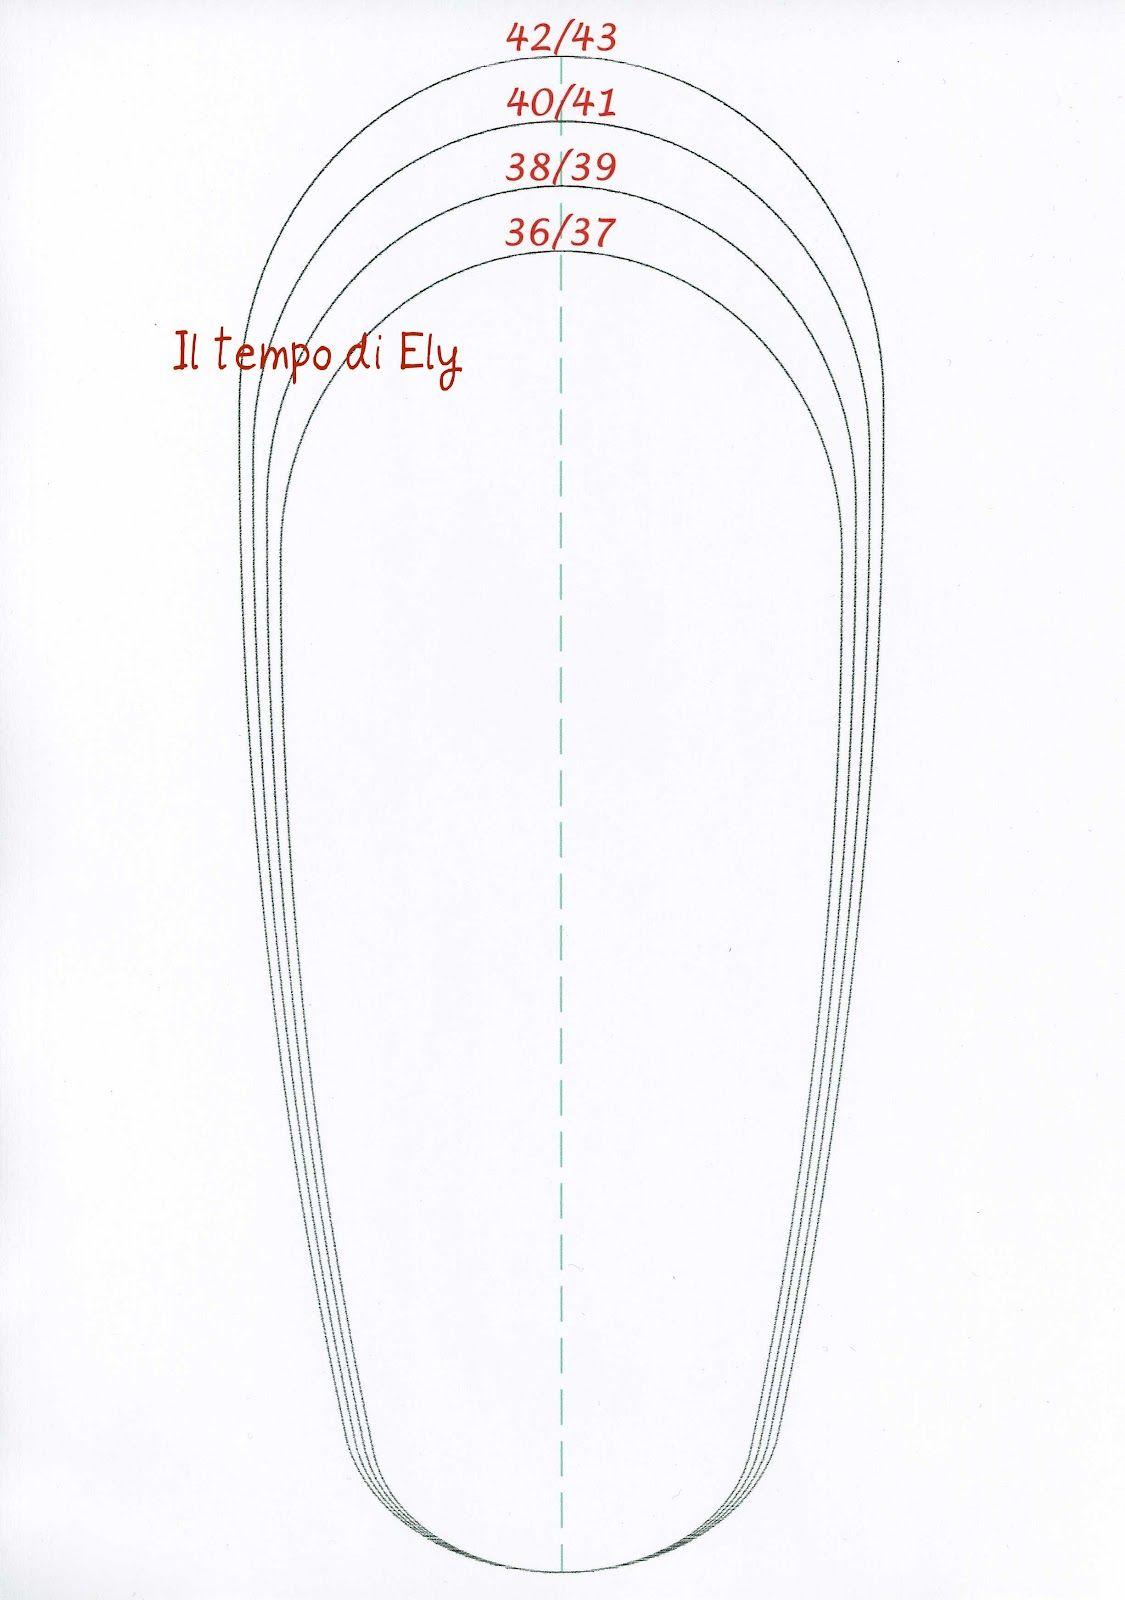 Informazione: Pantofole In Feltro Cartamodello